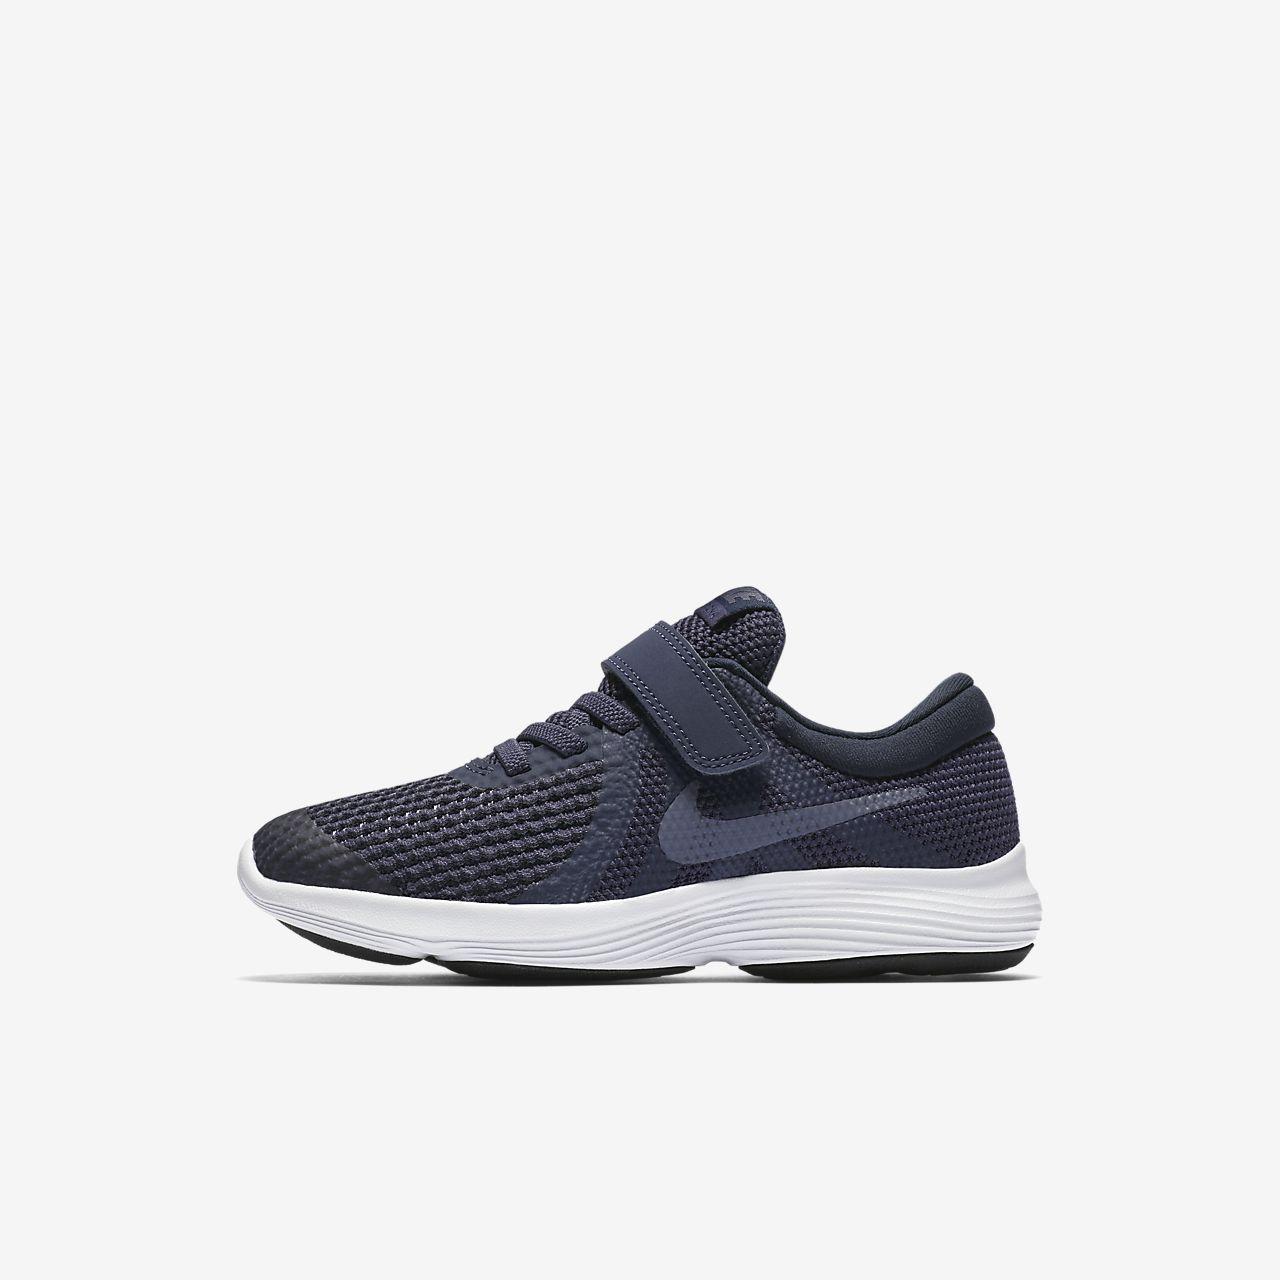 Sko Nike Revolution 4 för barn